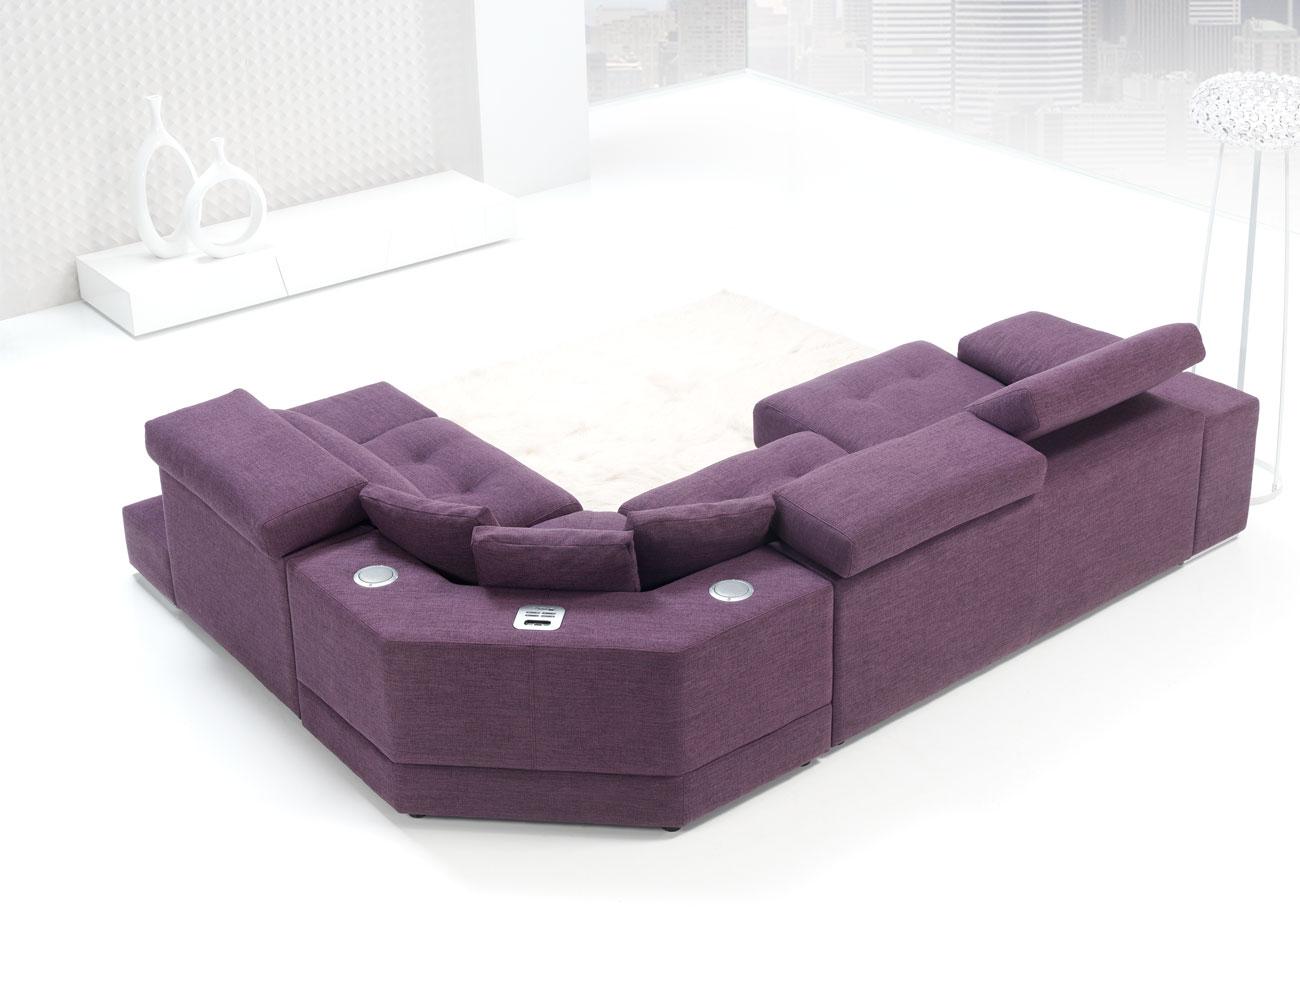 Sofa chaiselongue rincon con brazo mecanico tejido anti manchas 39